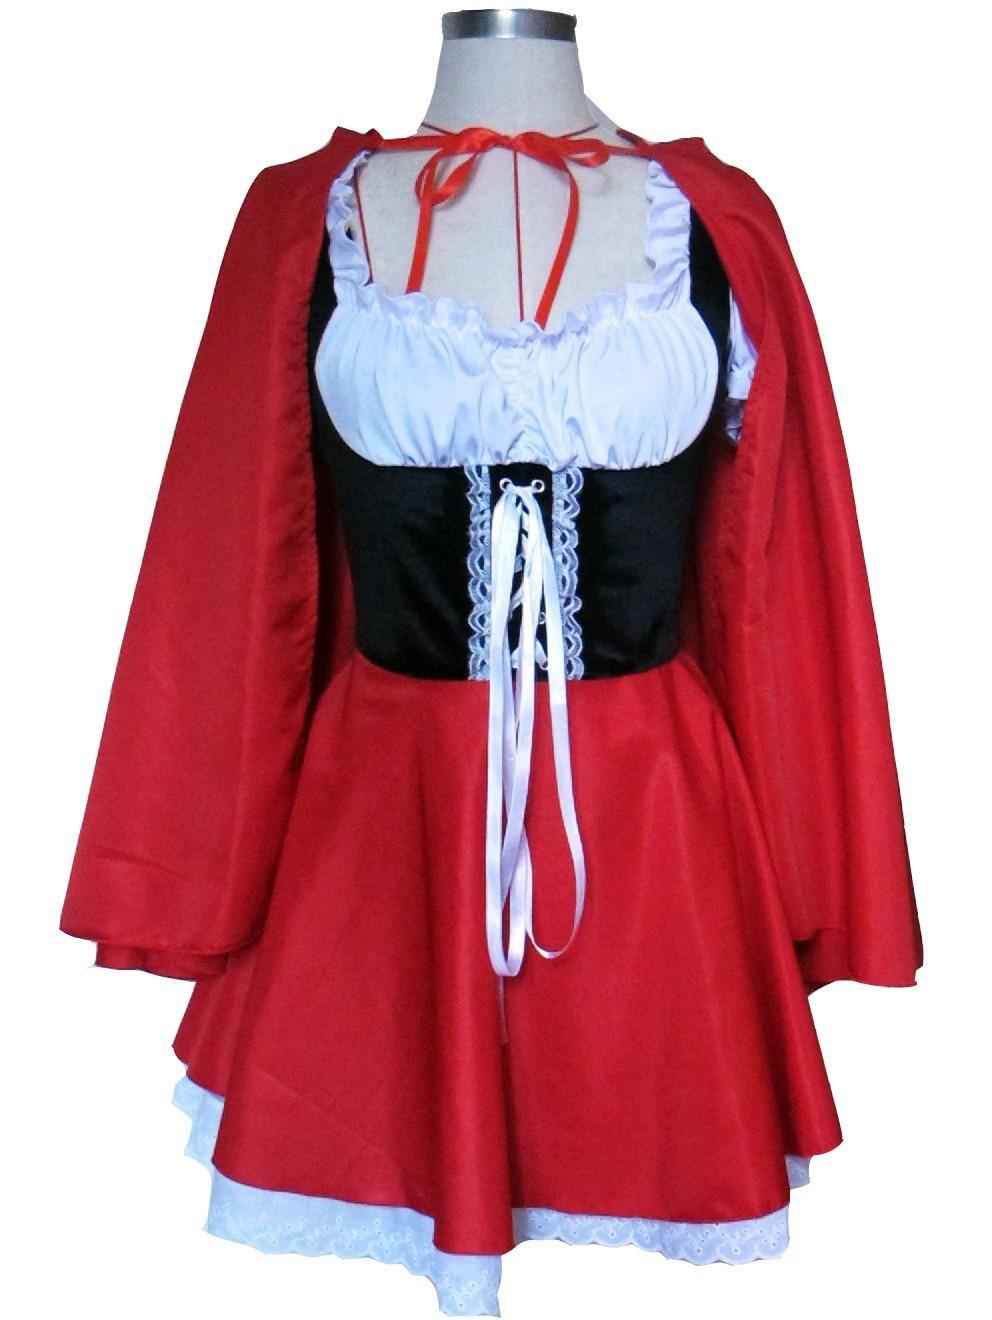 disfraces de halloween para mujer sexy cosplay caperucita roja juego - Disfraces - foto 2